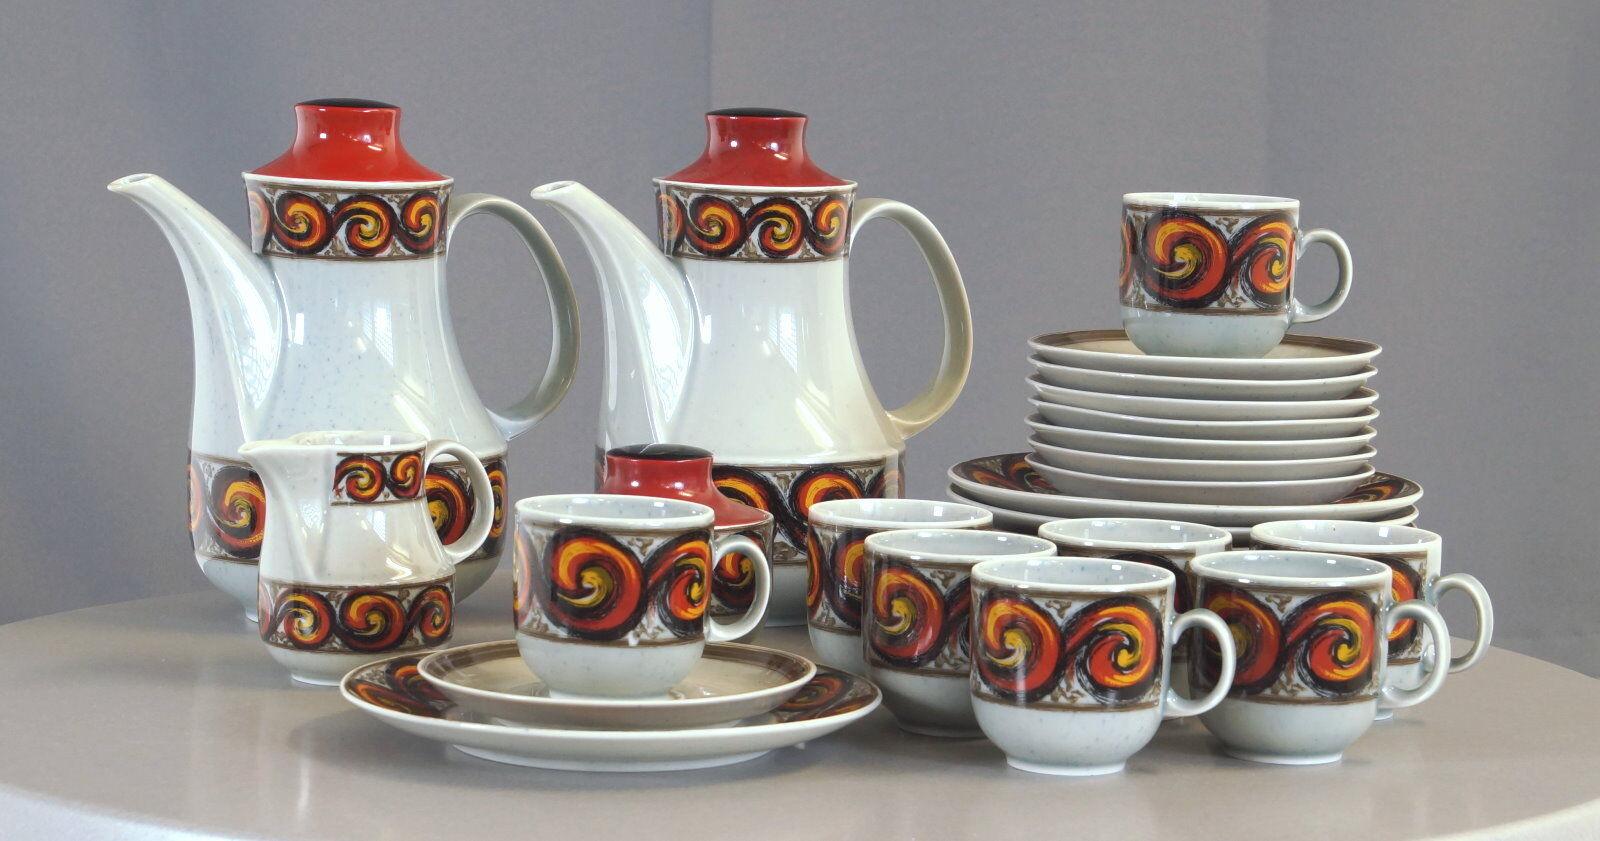 Winterling noirenbach service à café pfauenauge 31 pcs pour 8 personnes